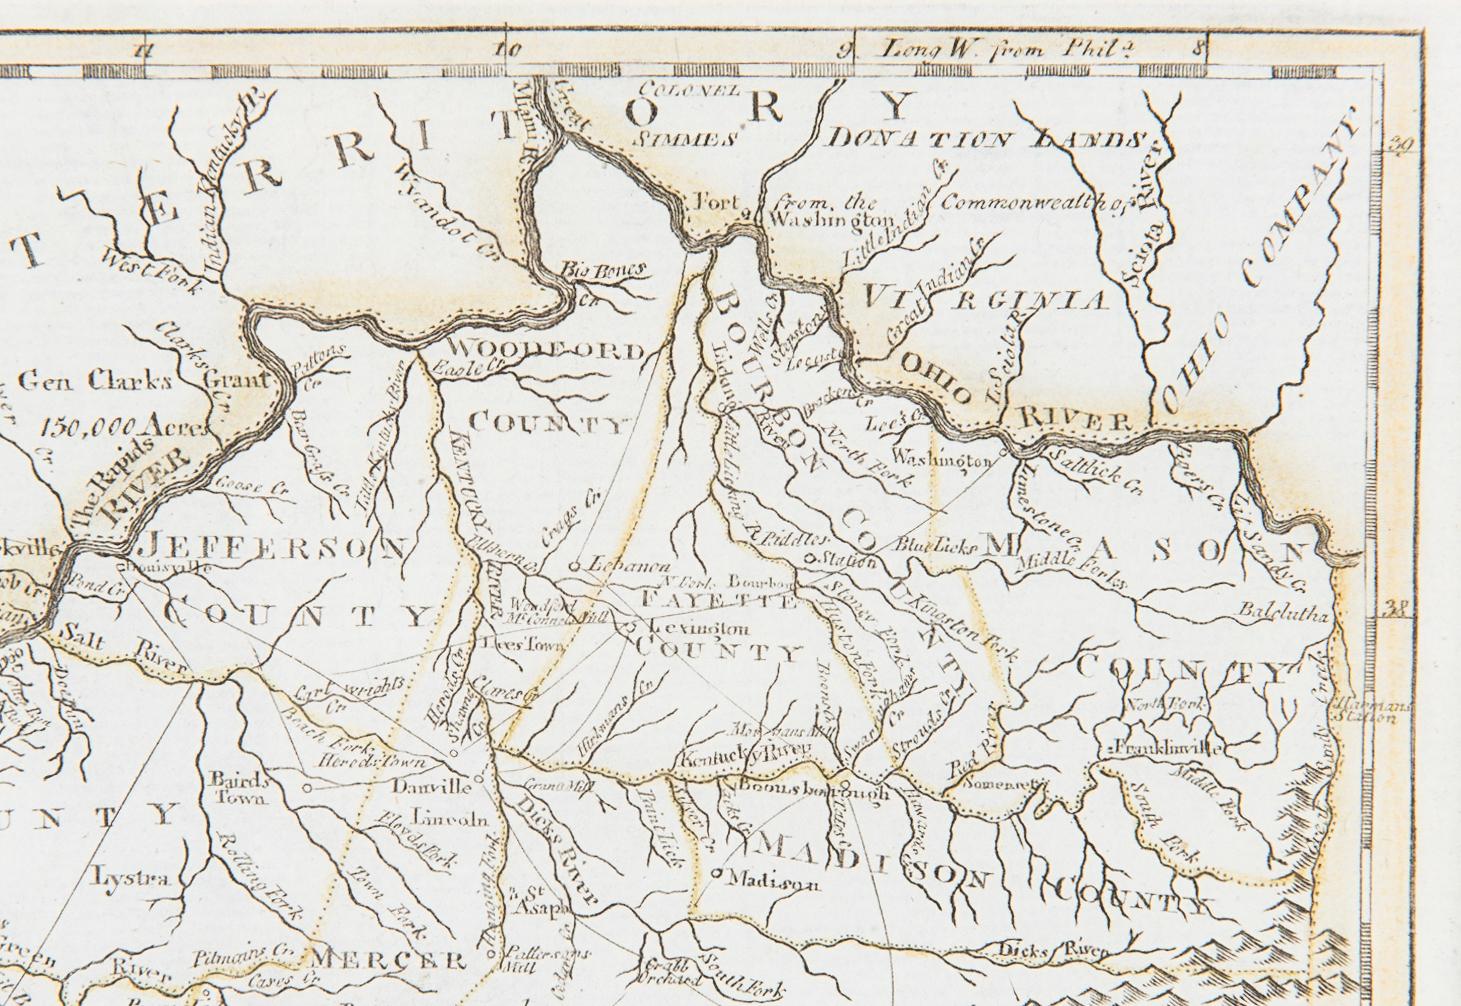 Lot 247: John Payne Kentucky Map, 1800